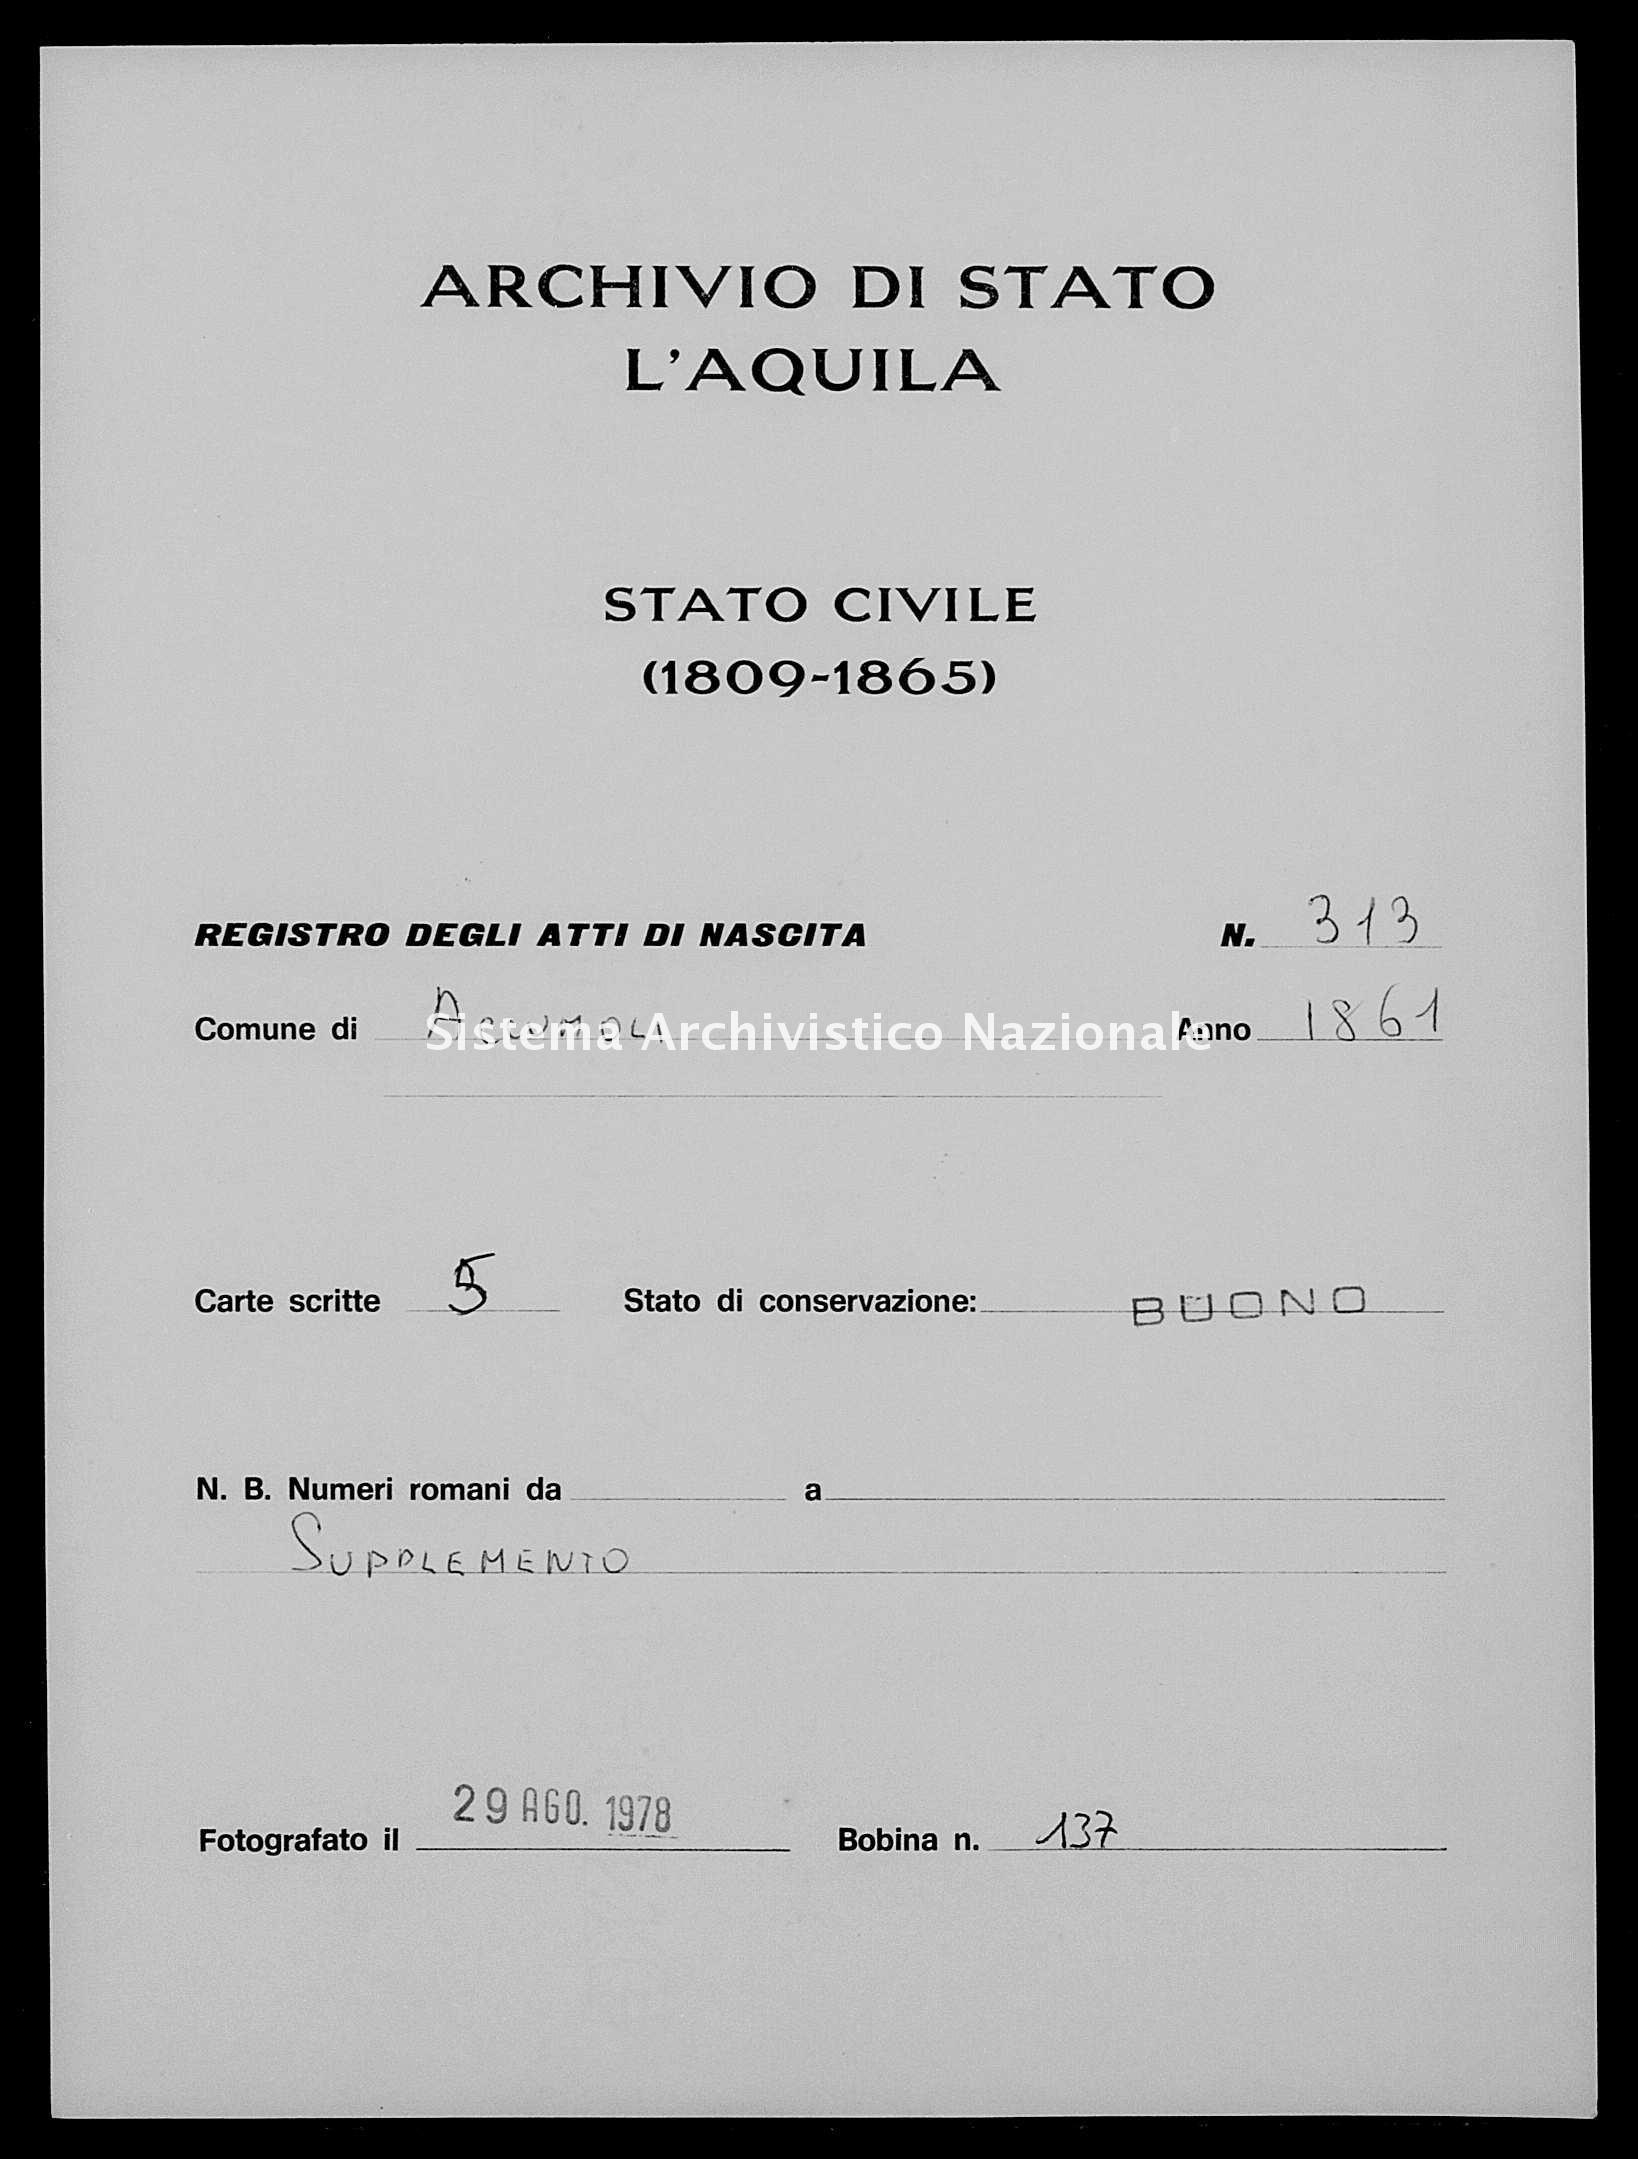 Archivio di stato di L'aquila - Stato civile italiano - Accumoli - Nati, esposti - 1861 - 313 -